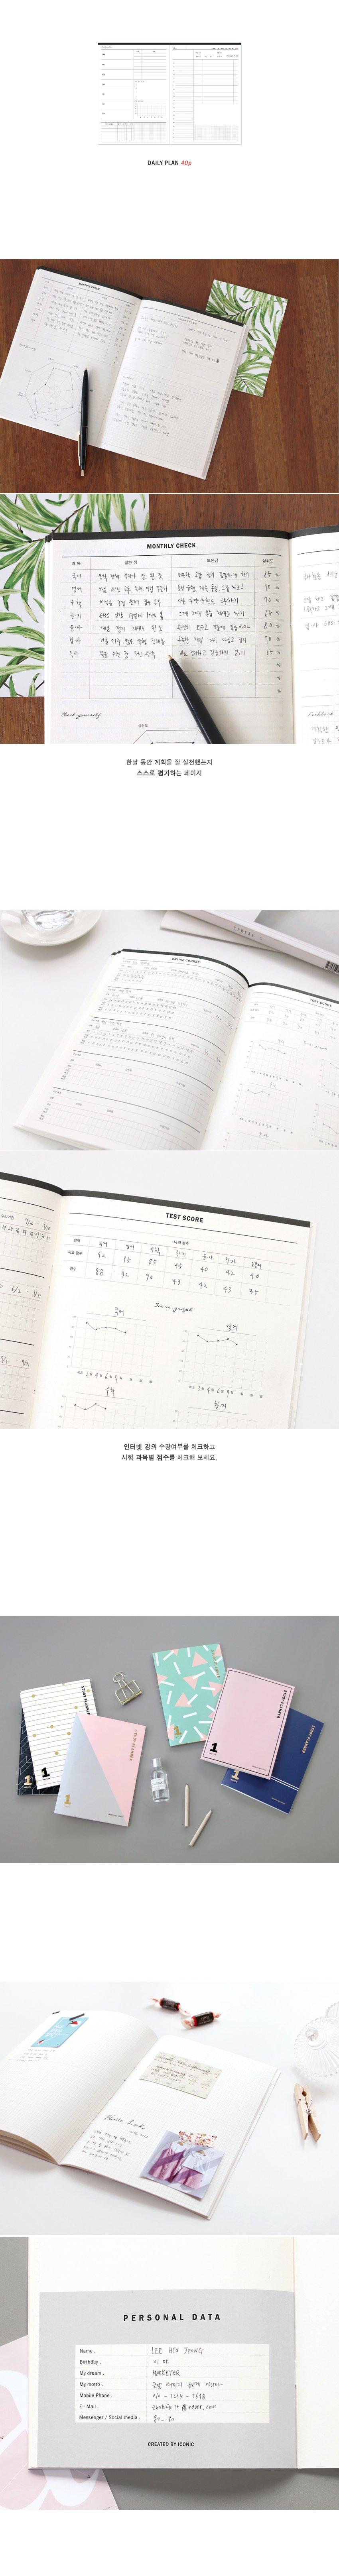 아이코닉 스터디에이드 (1개월) - 아이코닉, 3,200원, 플래너, 스터디플래너